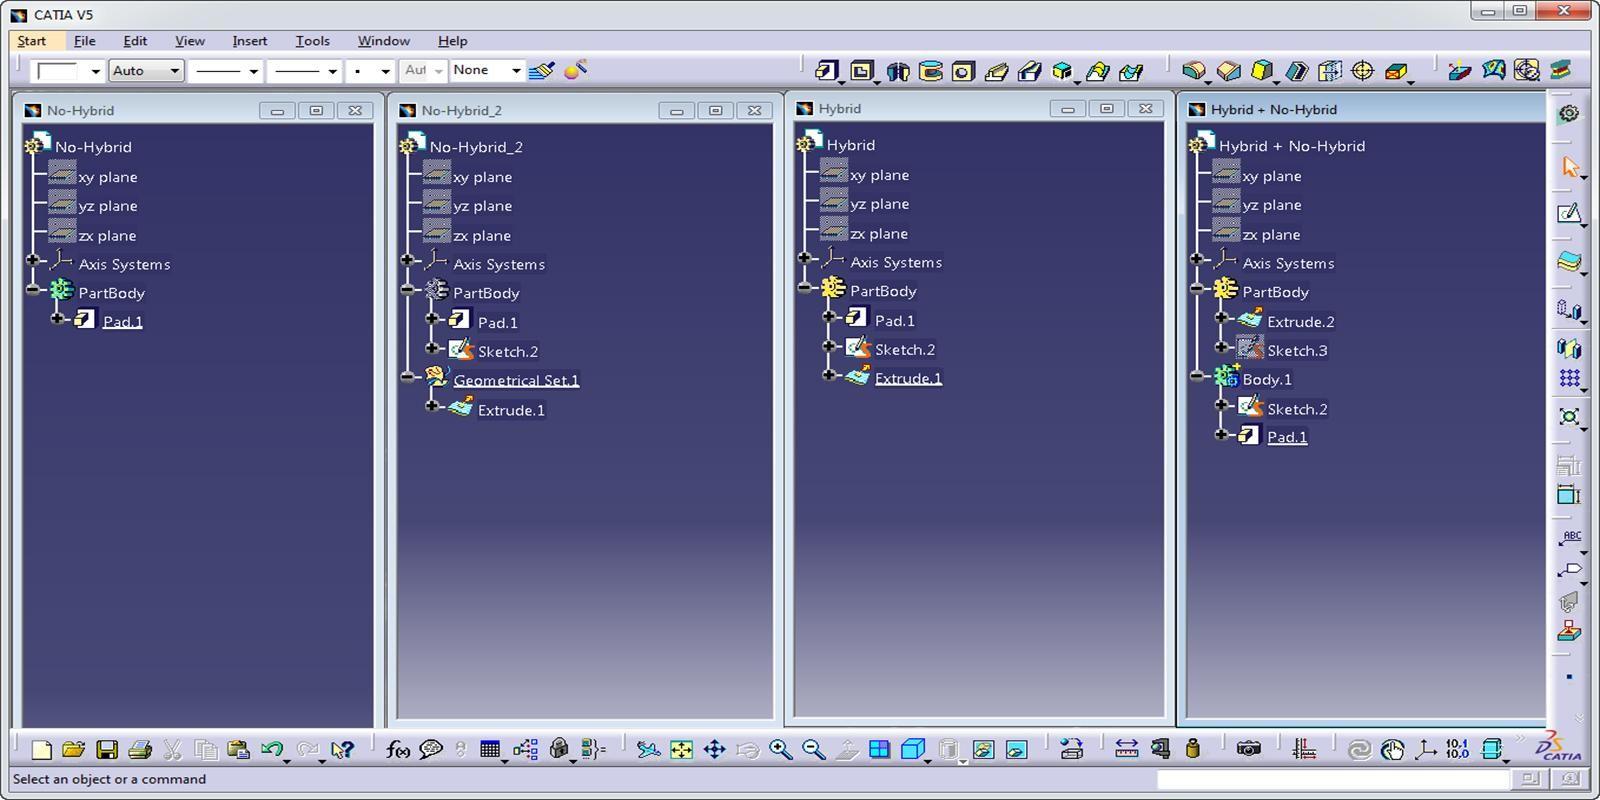 Como diferenciar Design Híbrido de Não-Híbrido no CATIA V5